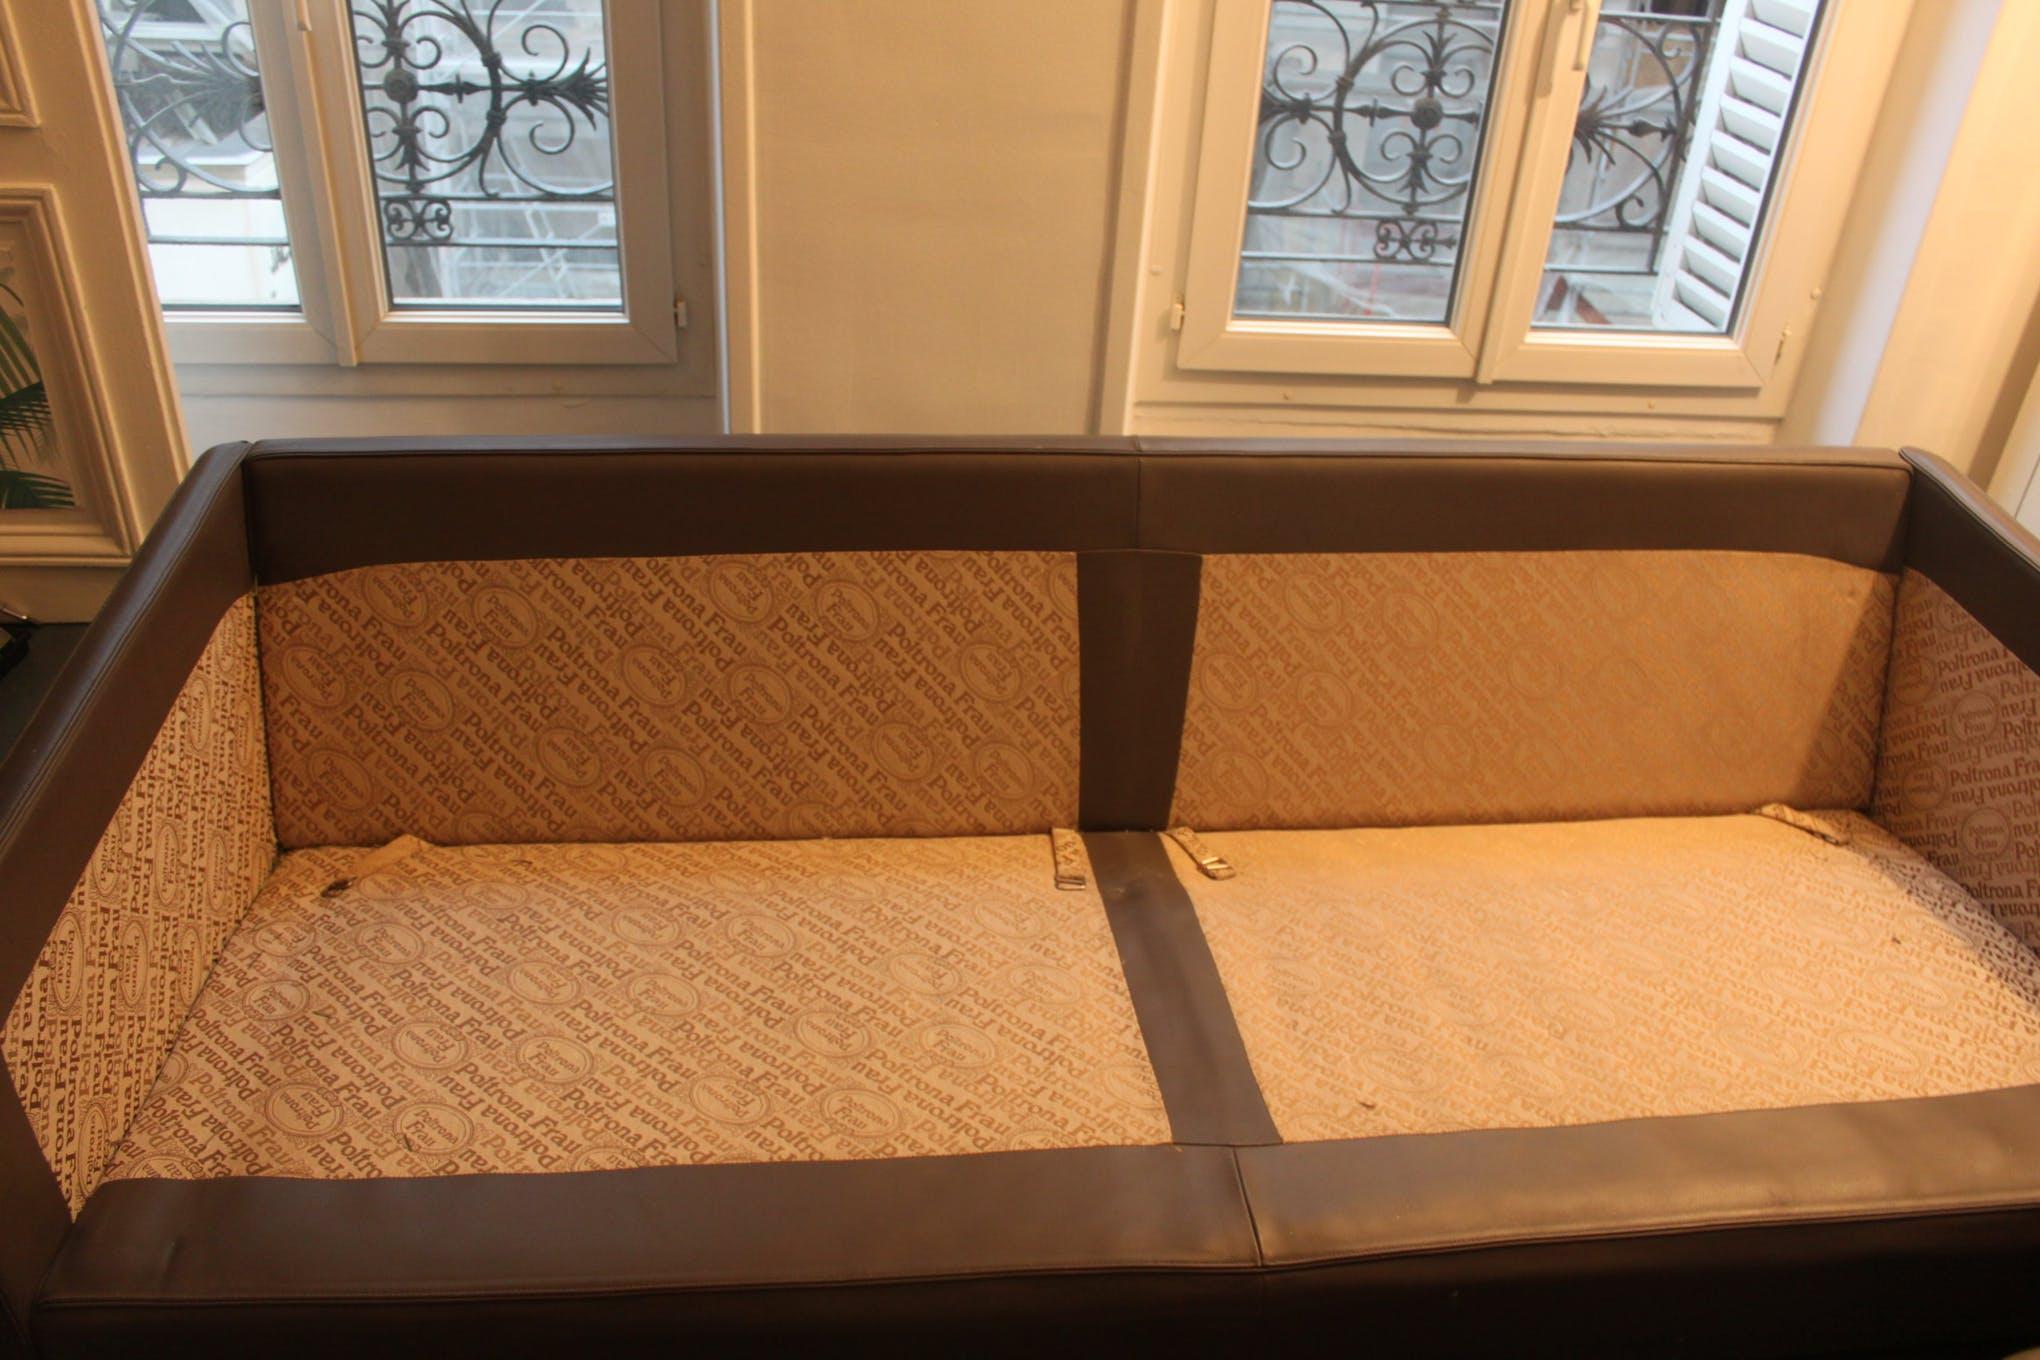 Coup De soleil Mobilier Meilleur De Collection Canapé socrate Poltrona Frau Cuir Gris Classique atmub39